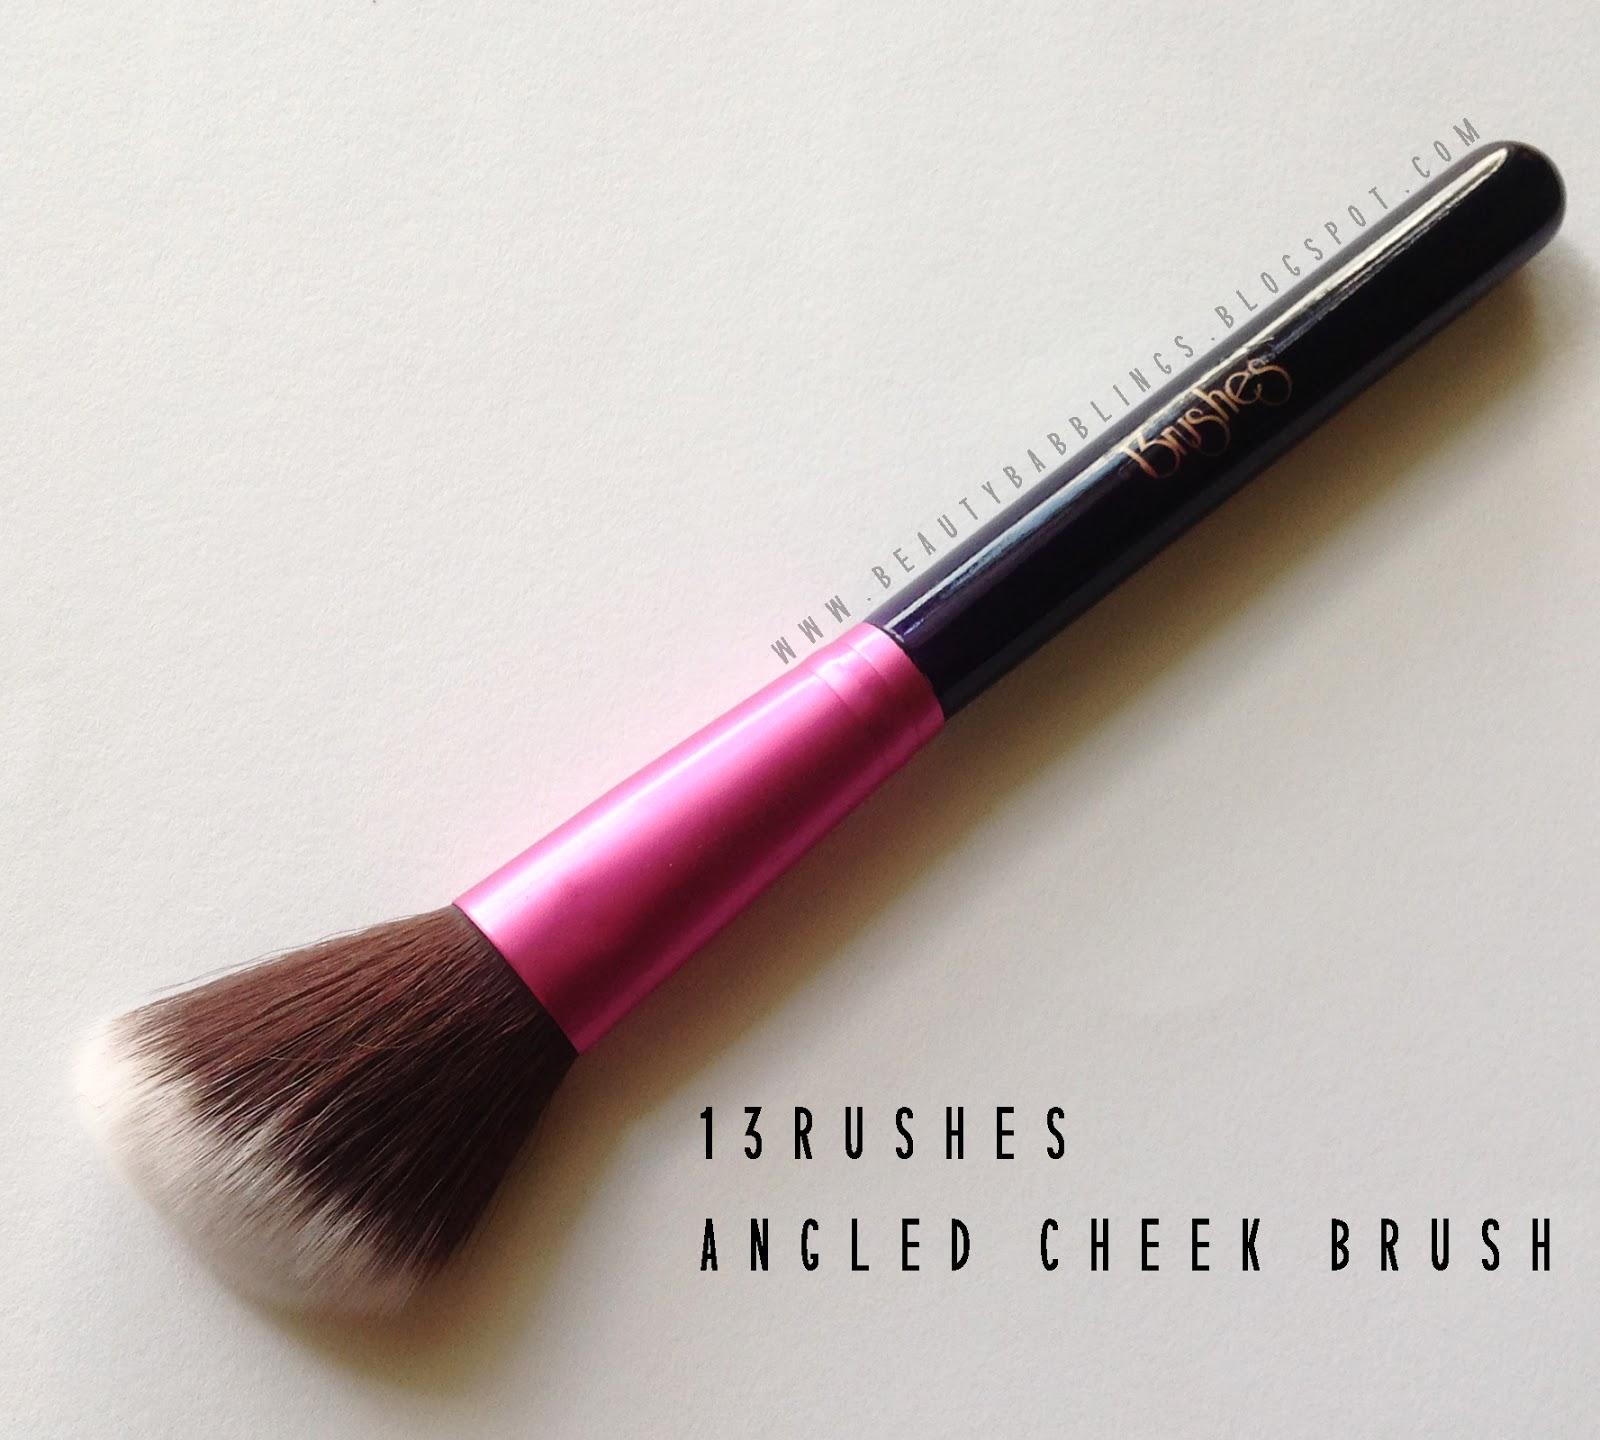 13rushes-angled-cheek-brush-review